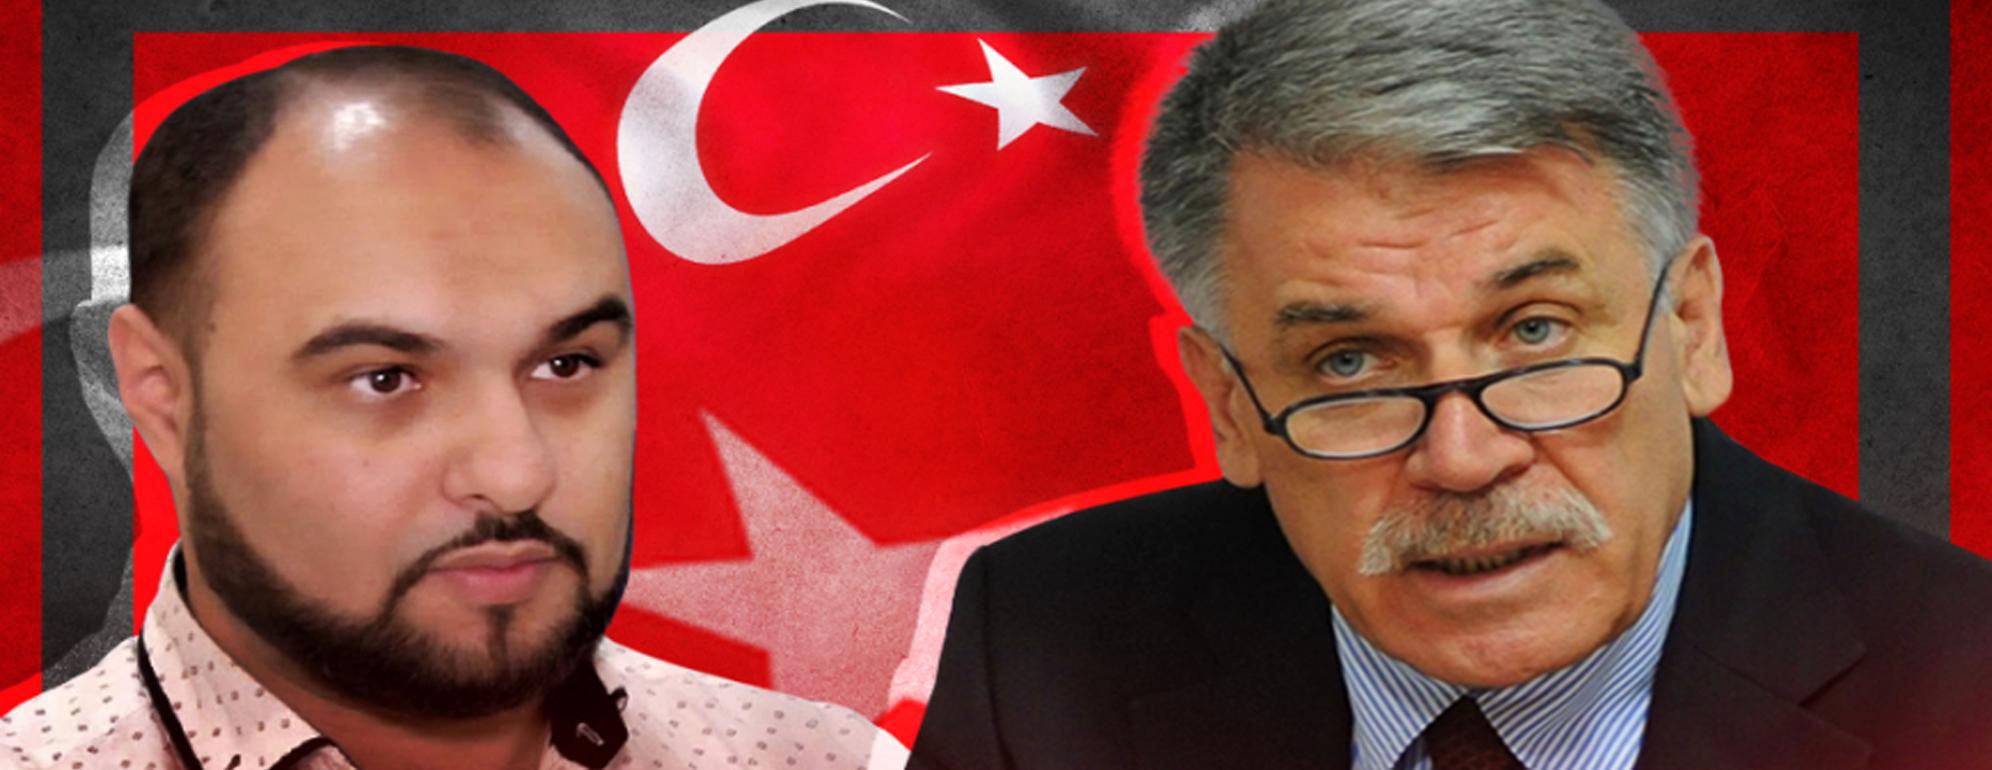 Экс-глава военной разведки Турции: крымский вопрос рано или поздно будет решен